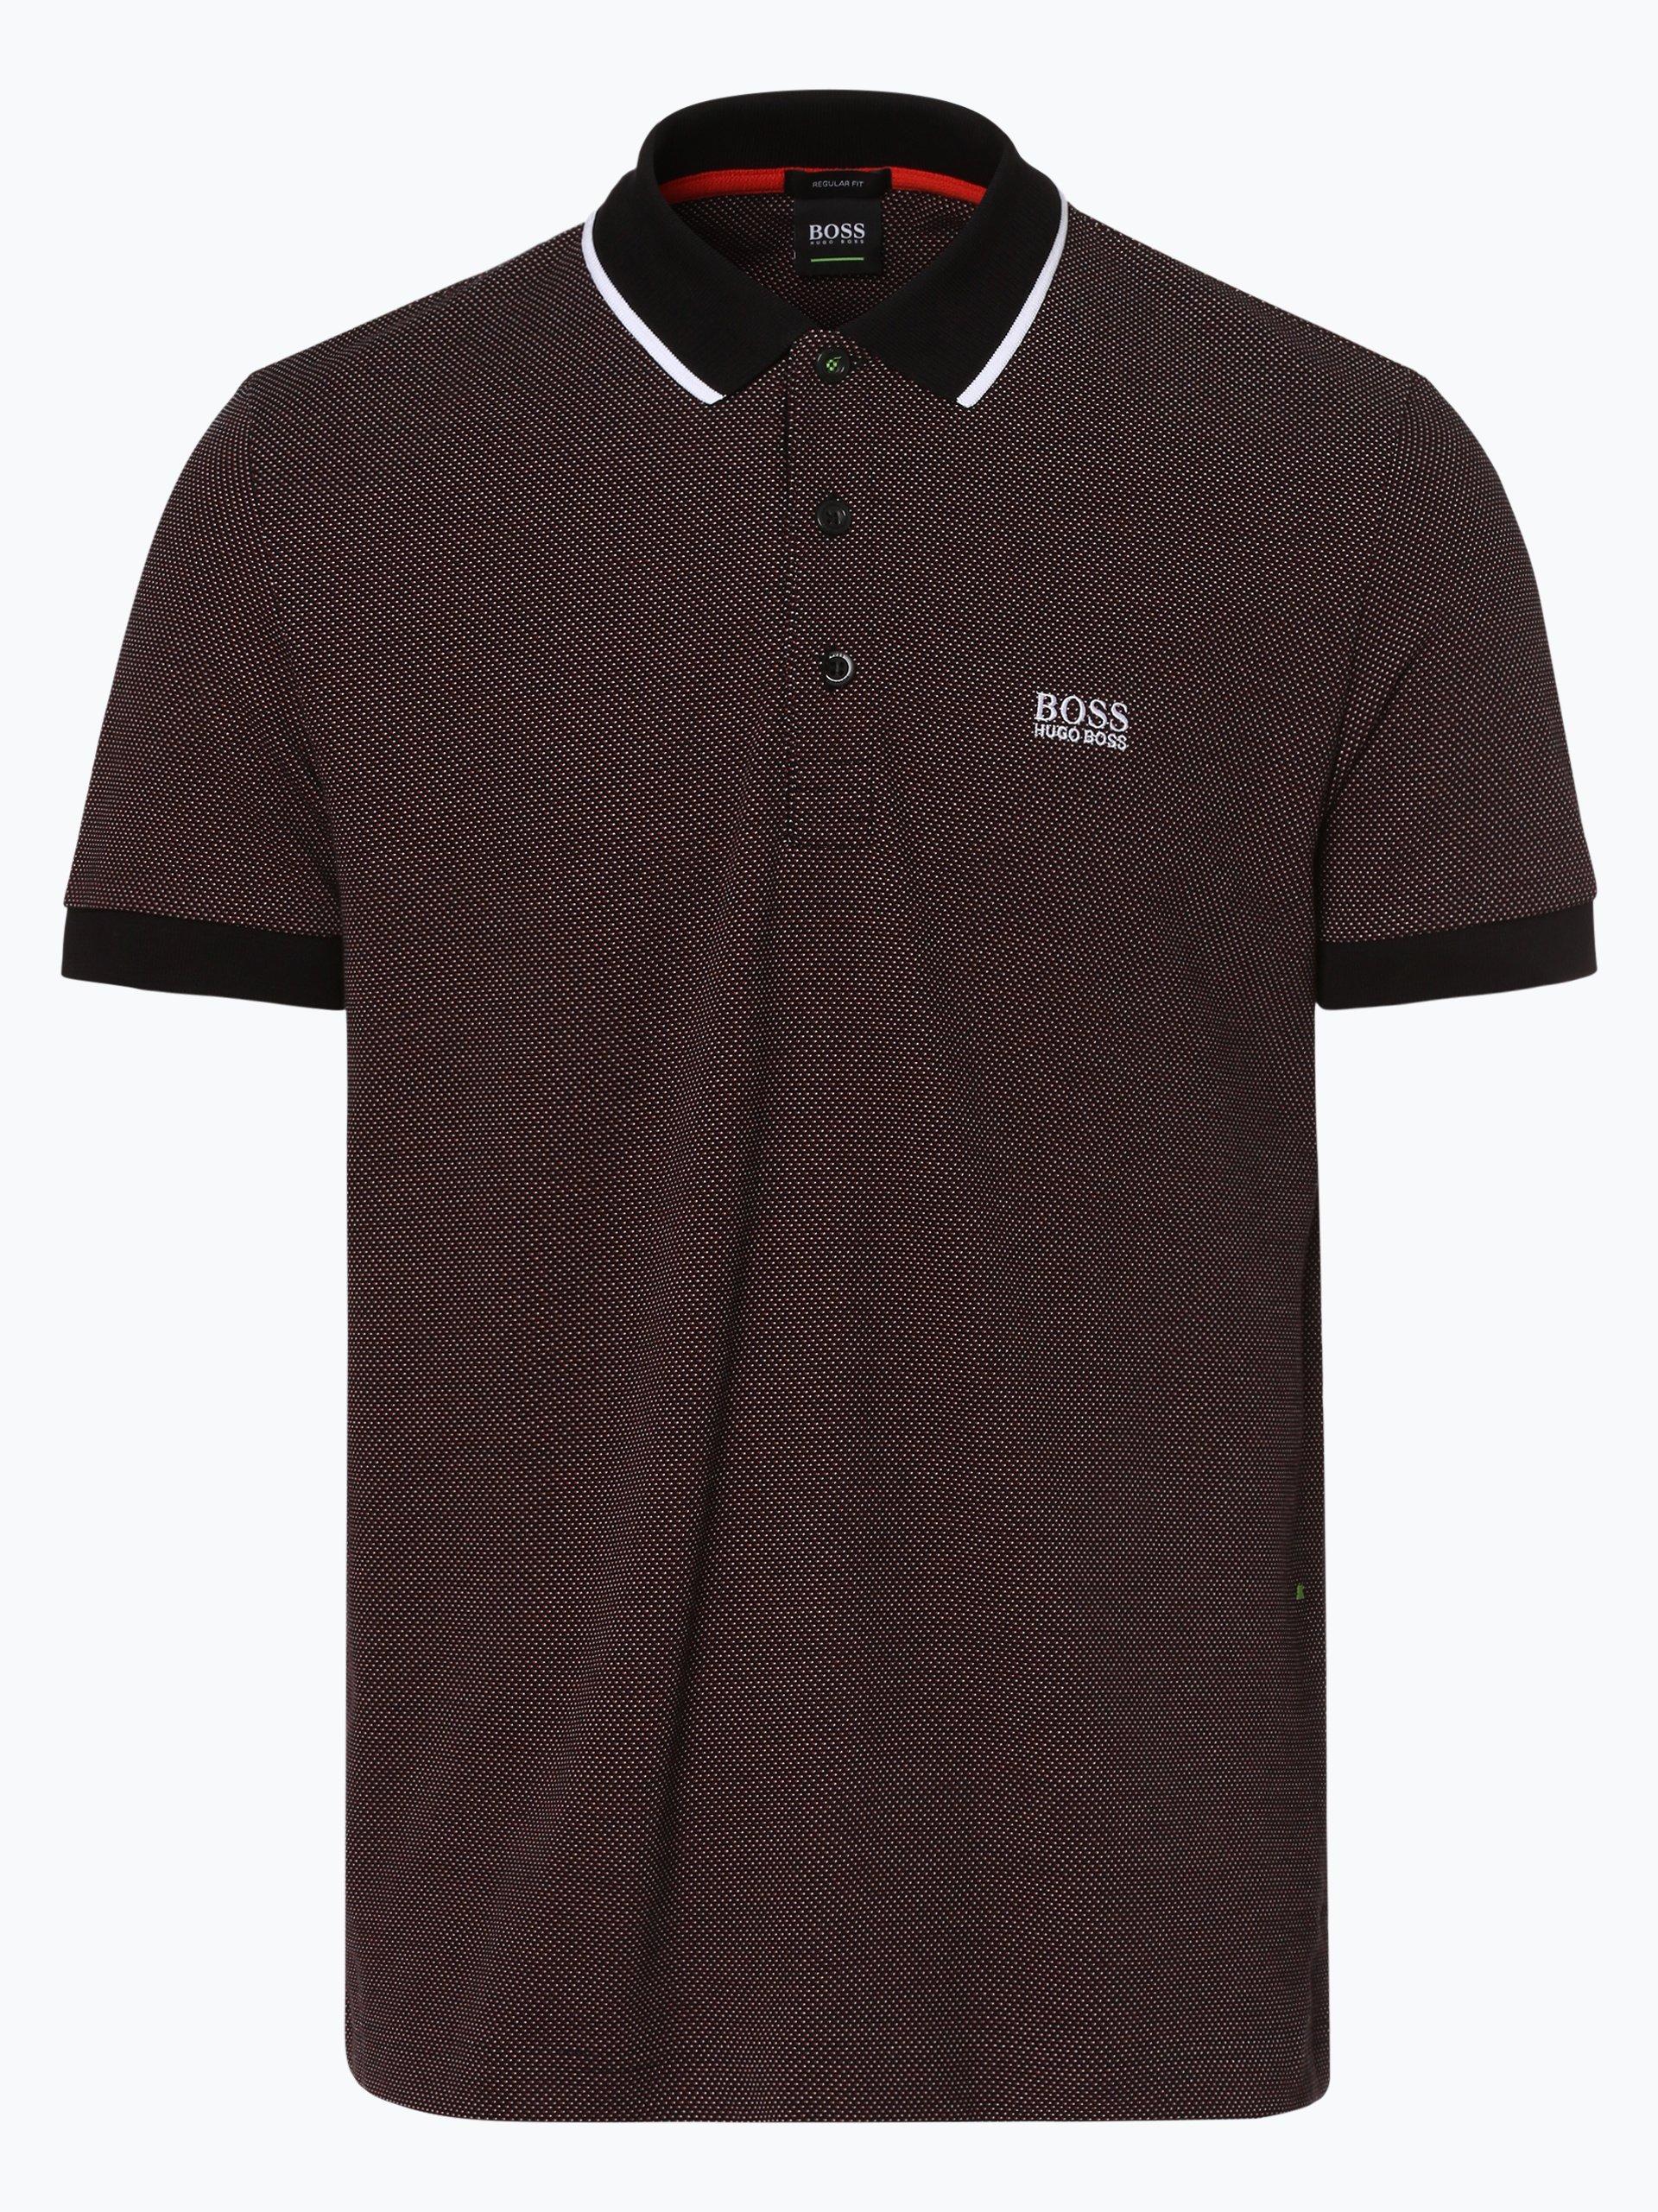 BOSS Athleisure Męska koszulka polo – Paddy 2